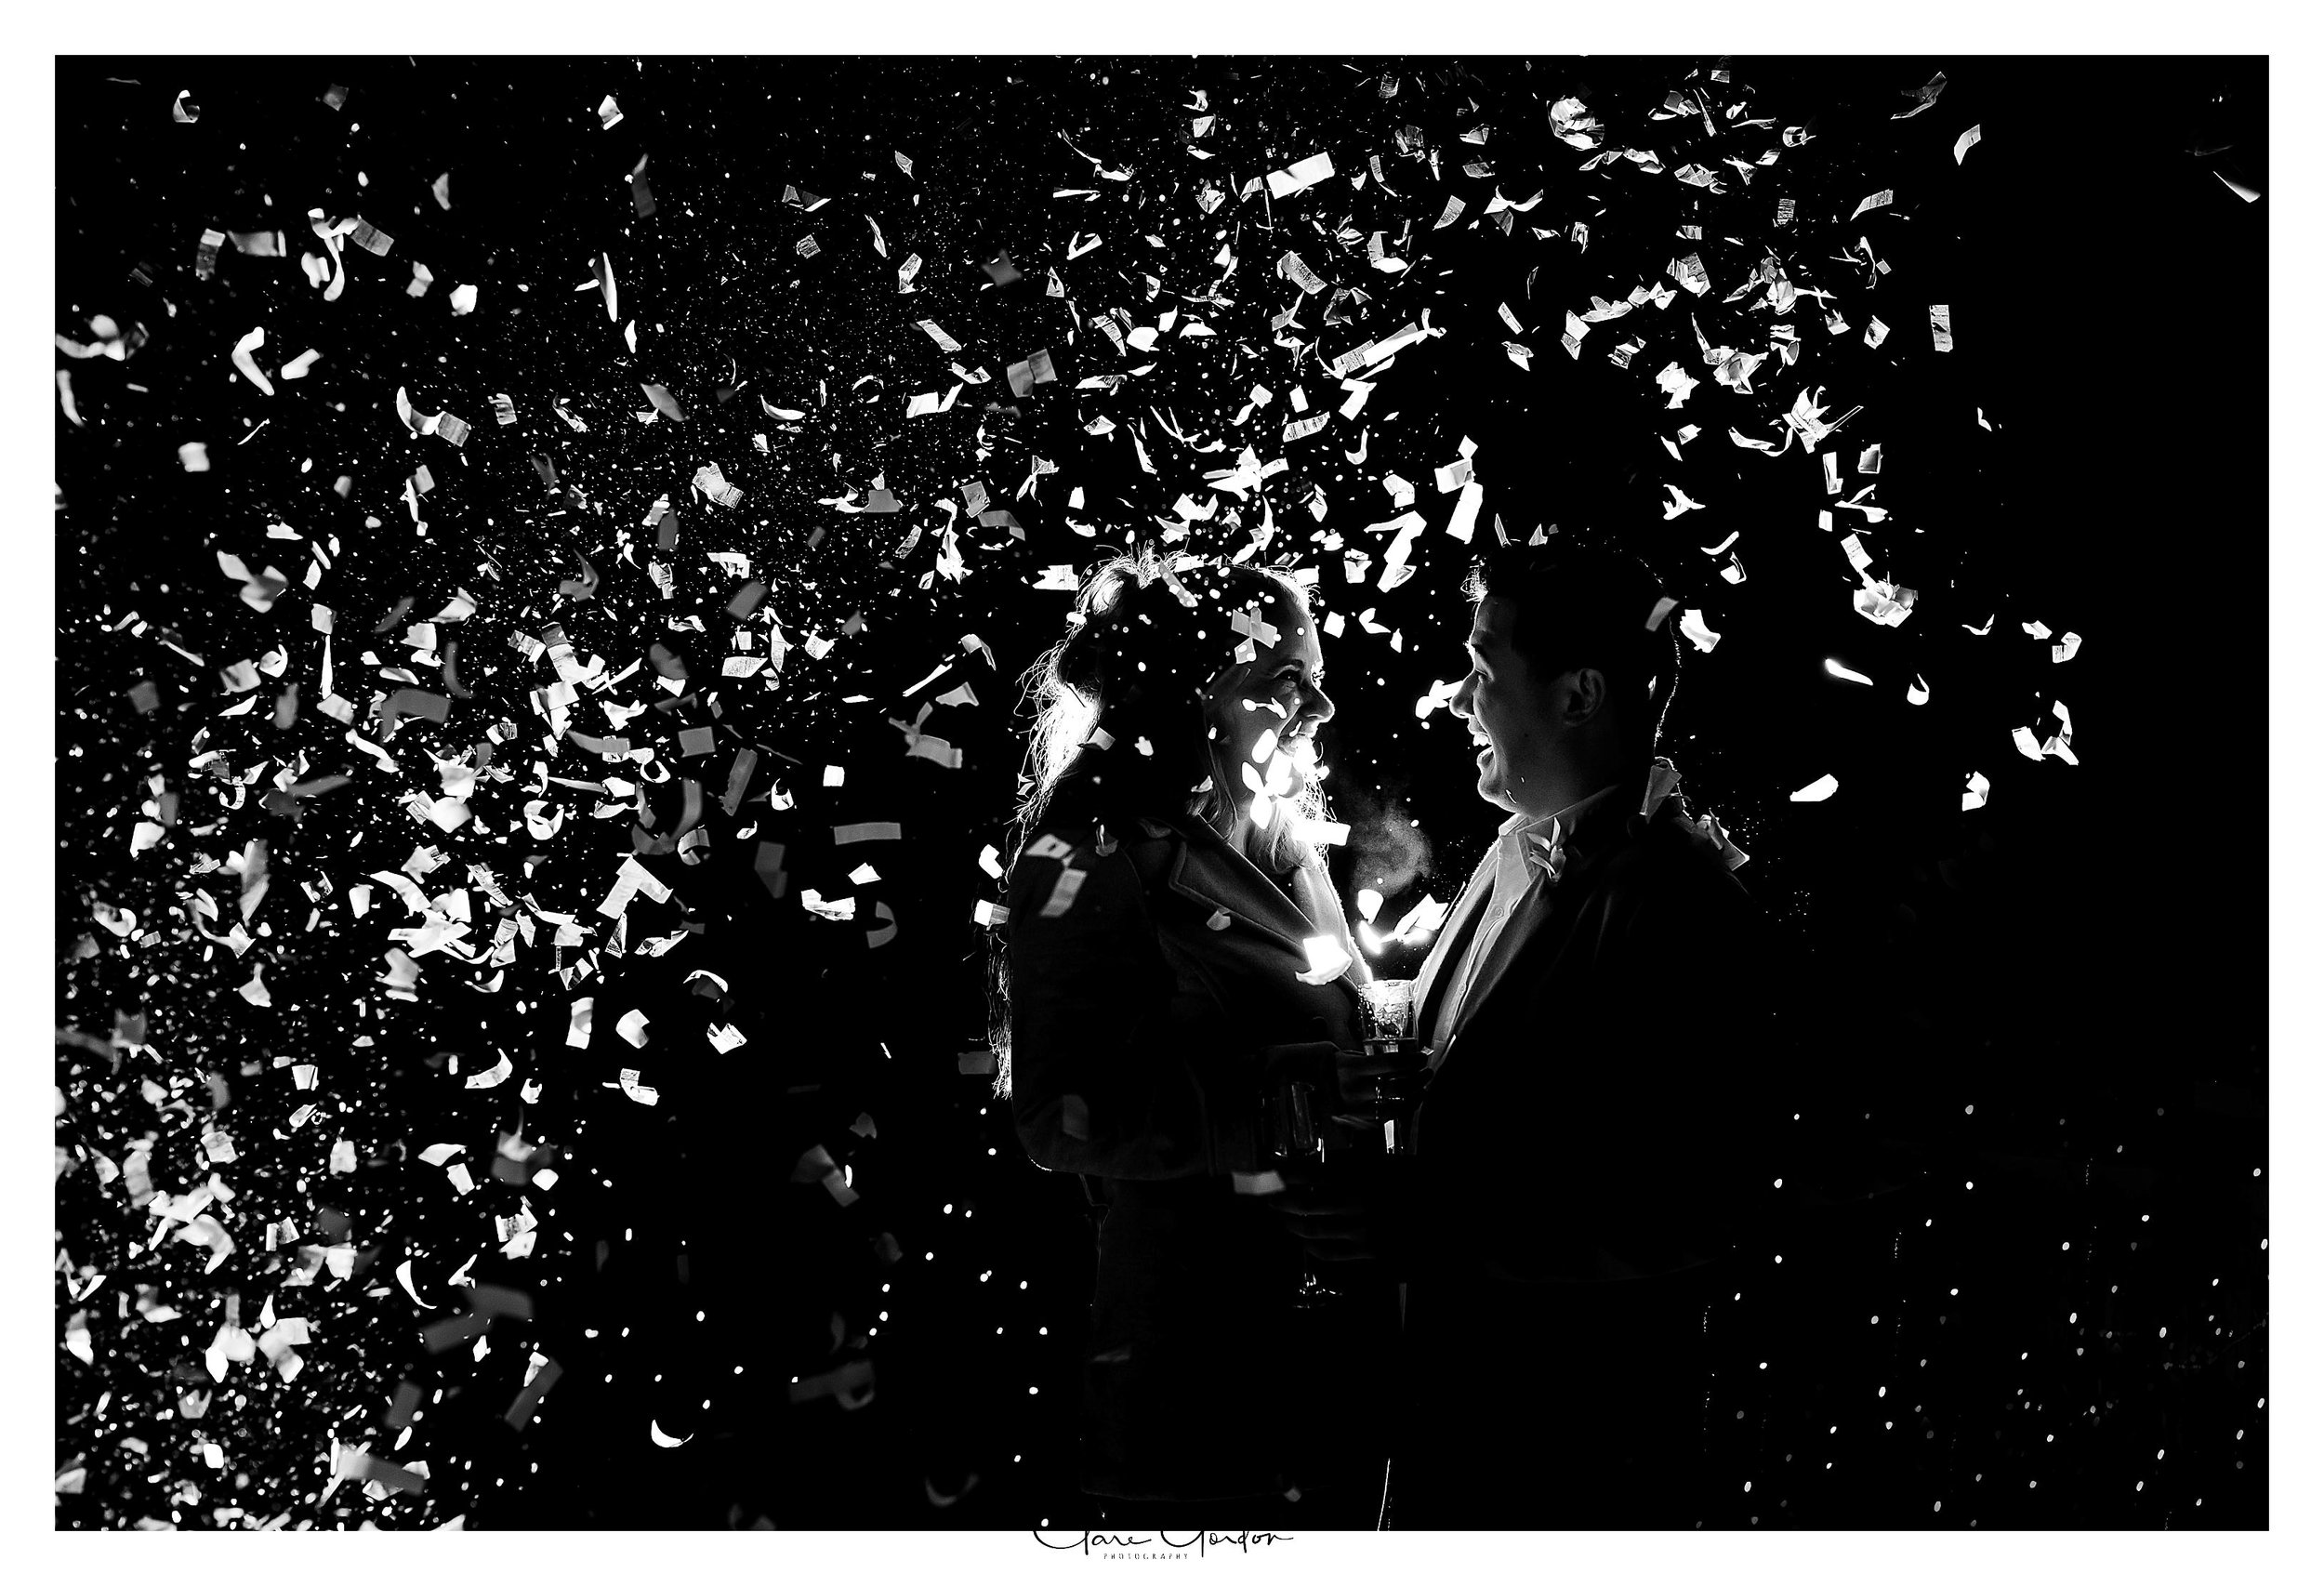 Suprise-Proposal-Engagement-photos-at-night-Raglan-Clare-Gordon-photography (9).jpg